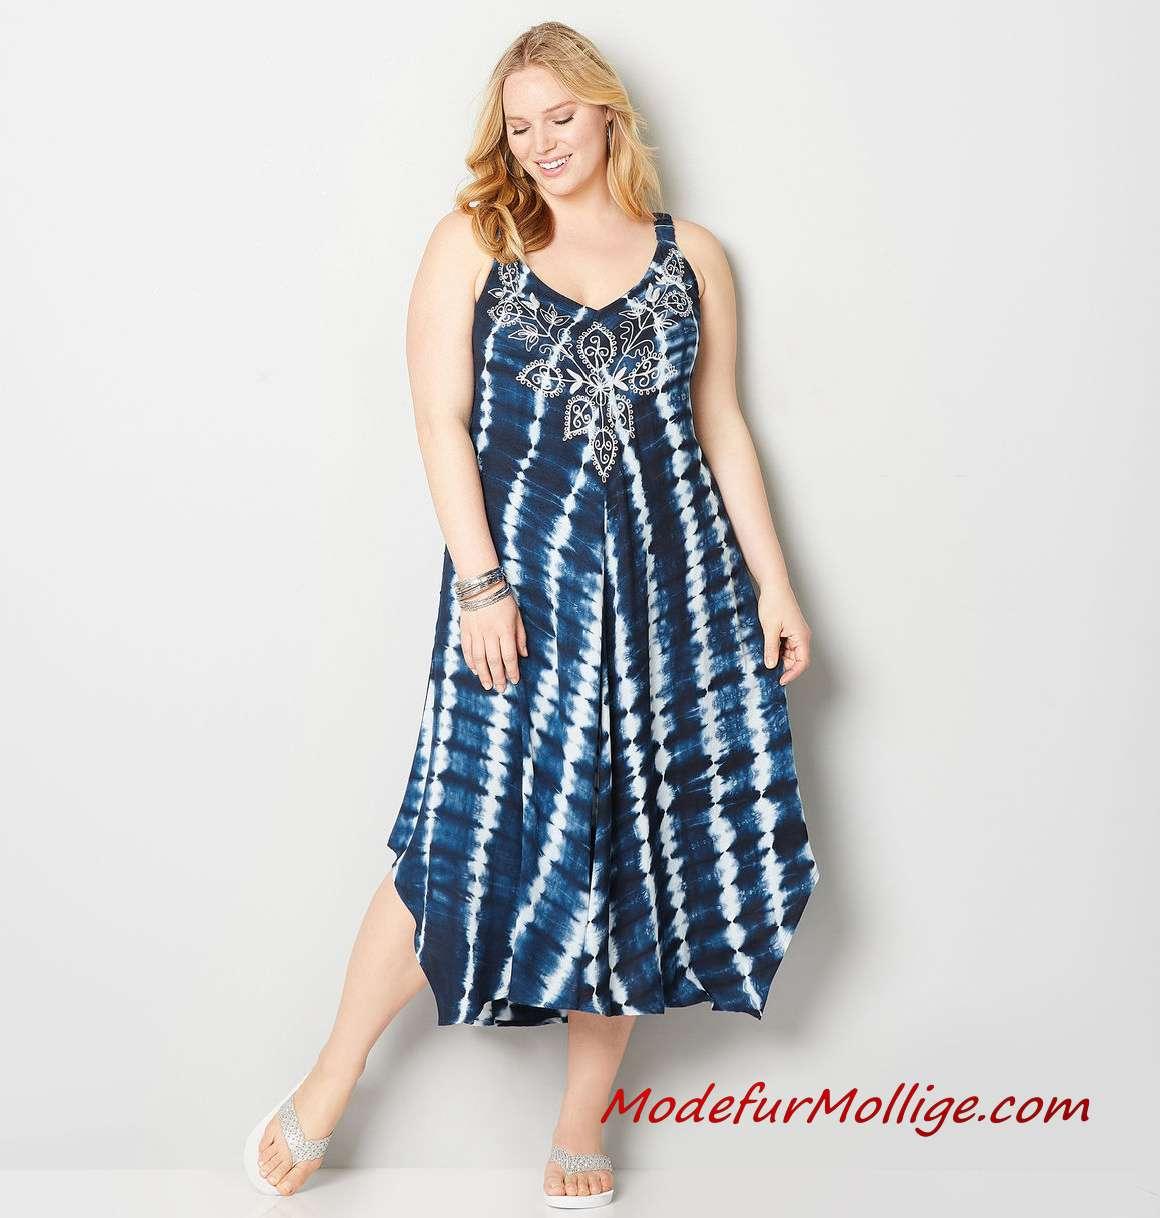 16 A-Linie Kleid; Sommerkleider für Mollige Frauen  Mode für